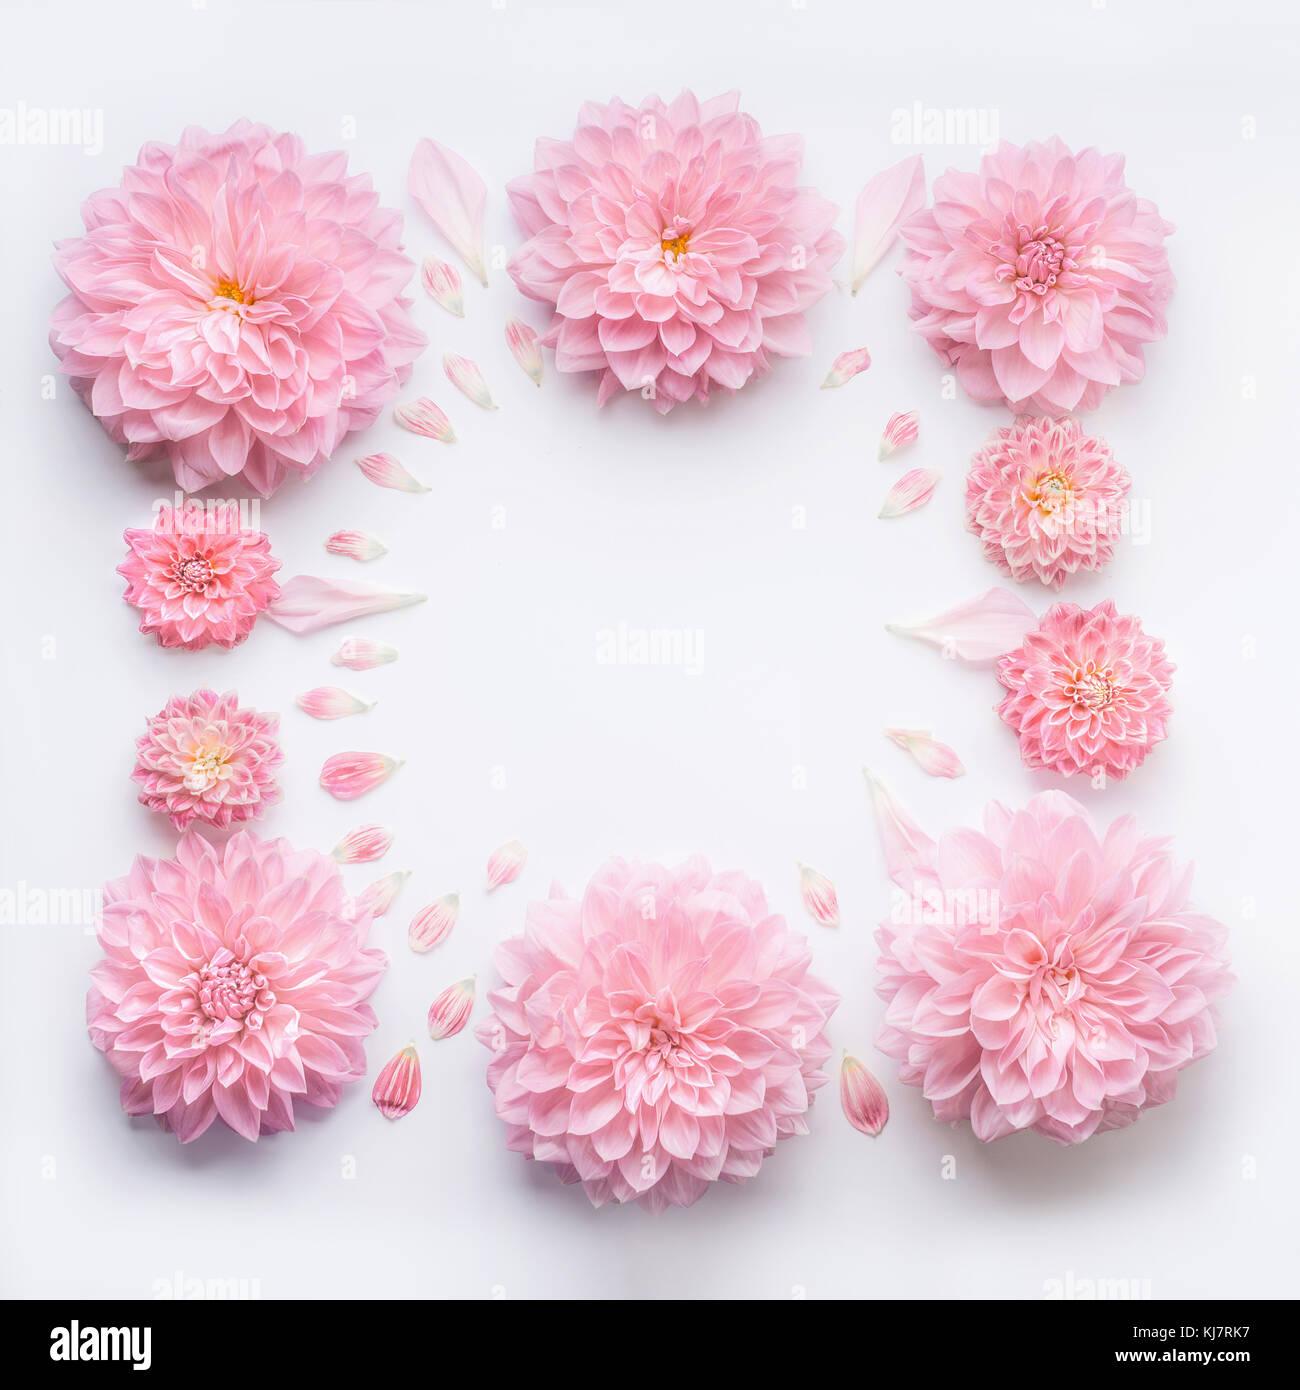 Telaio Di Rosa Pallido Fiori Con Petali Di Colore Bianco Su Sfondo